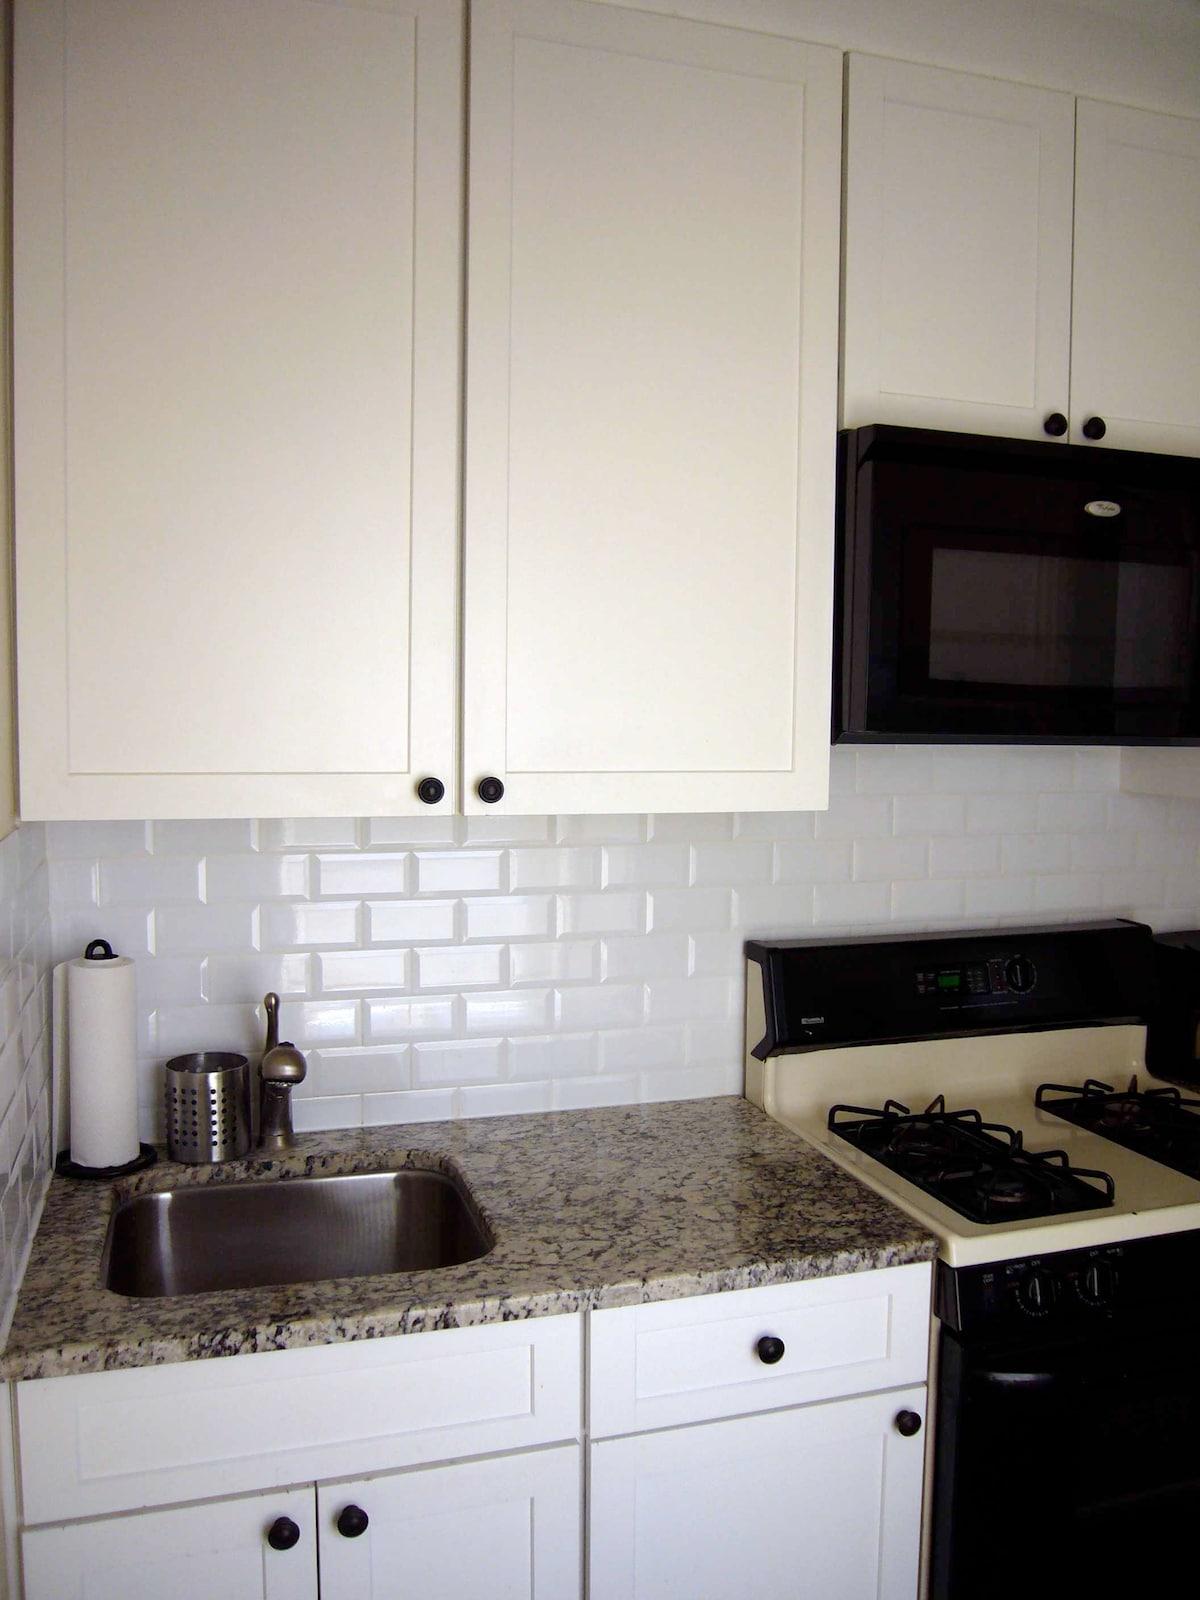 Granite counter top and subway backsplash